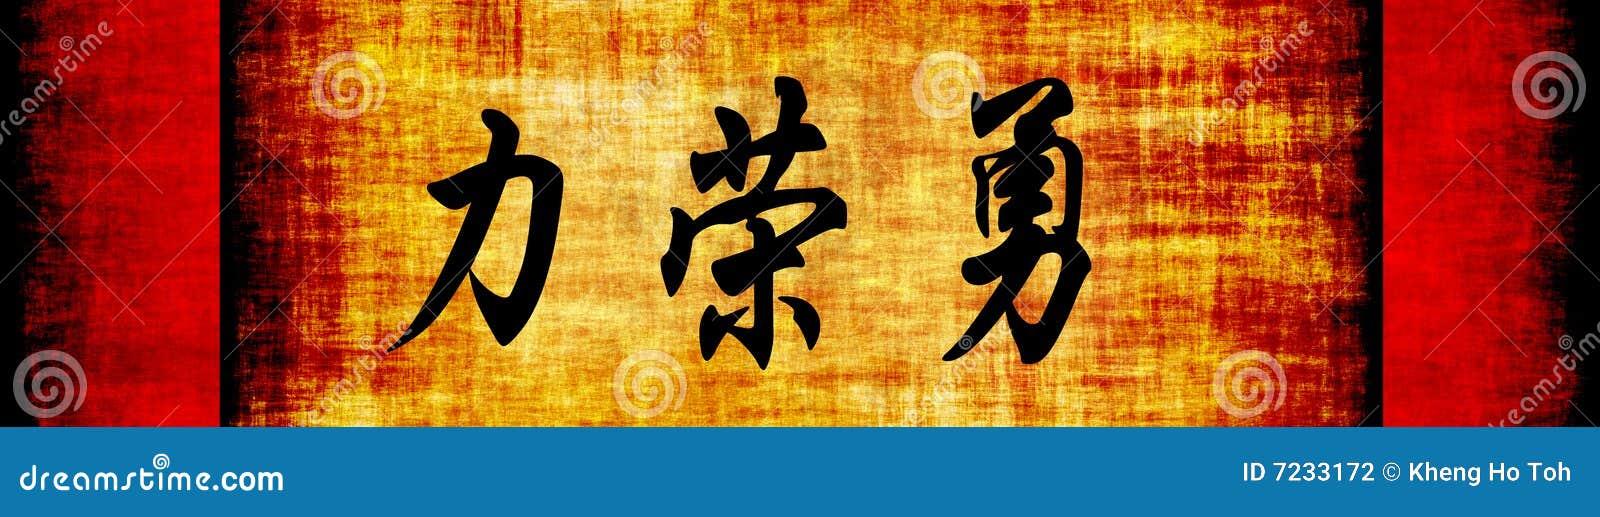 Chińskiego odwaga honoru motywacyjna zwrota siła